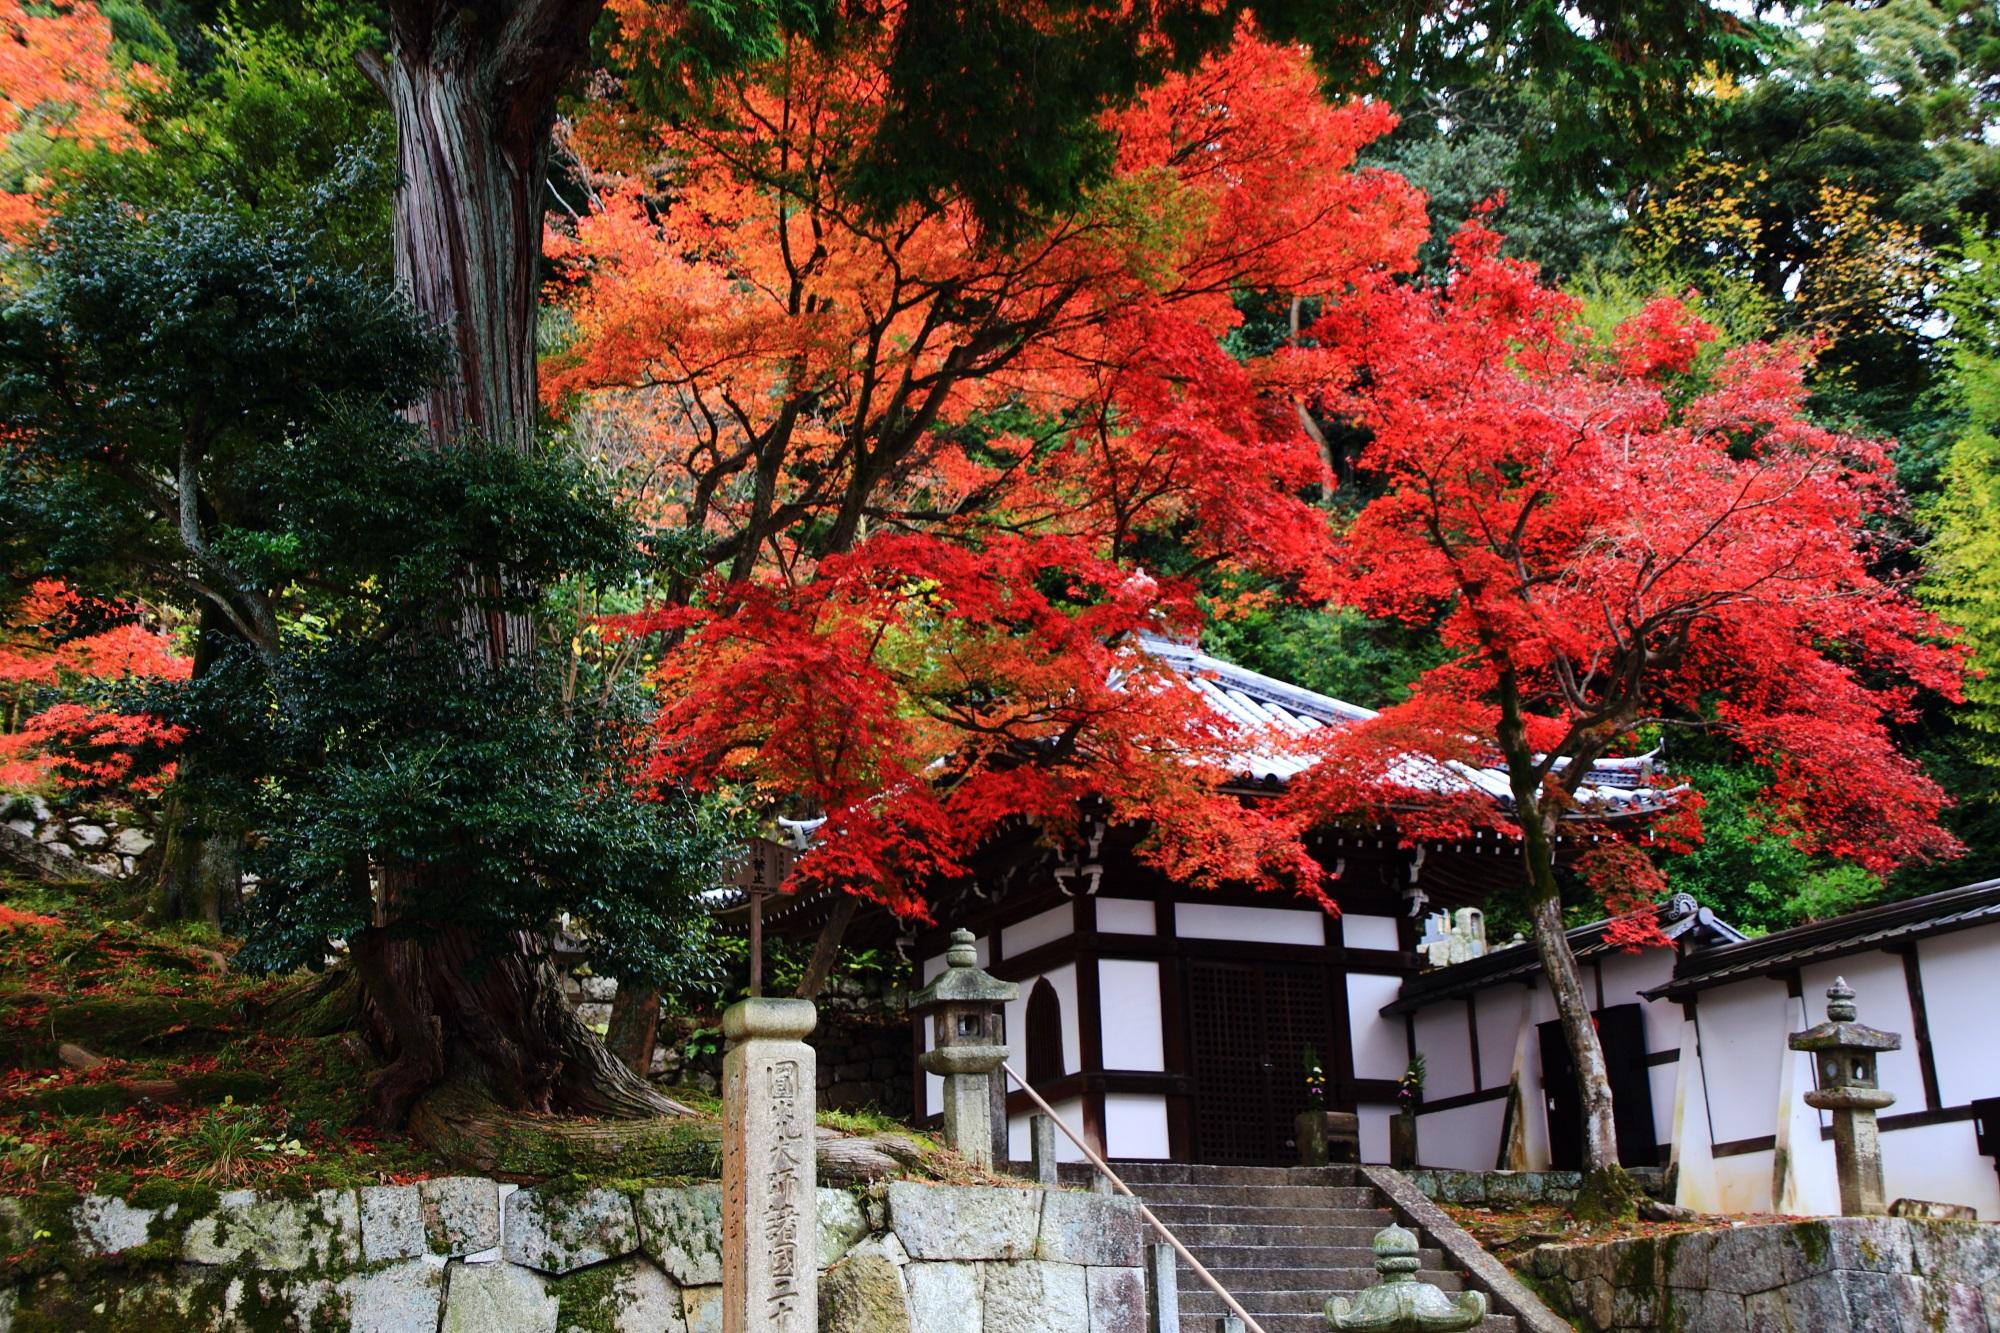 多様な緑の中で華やぐ鮮やかな紅葉